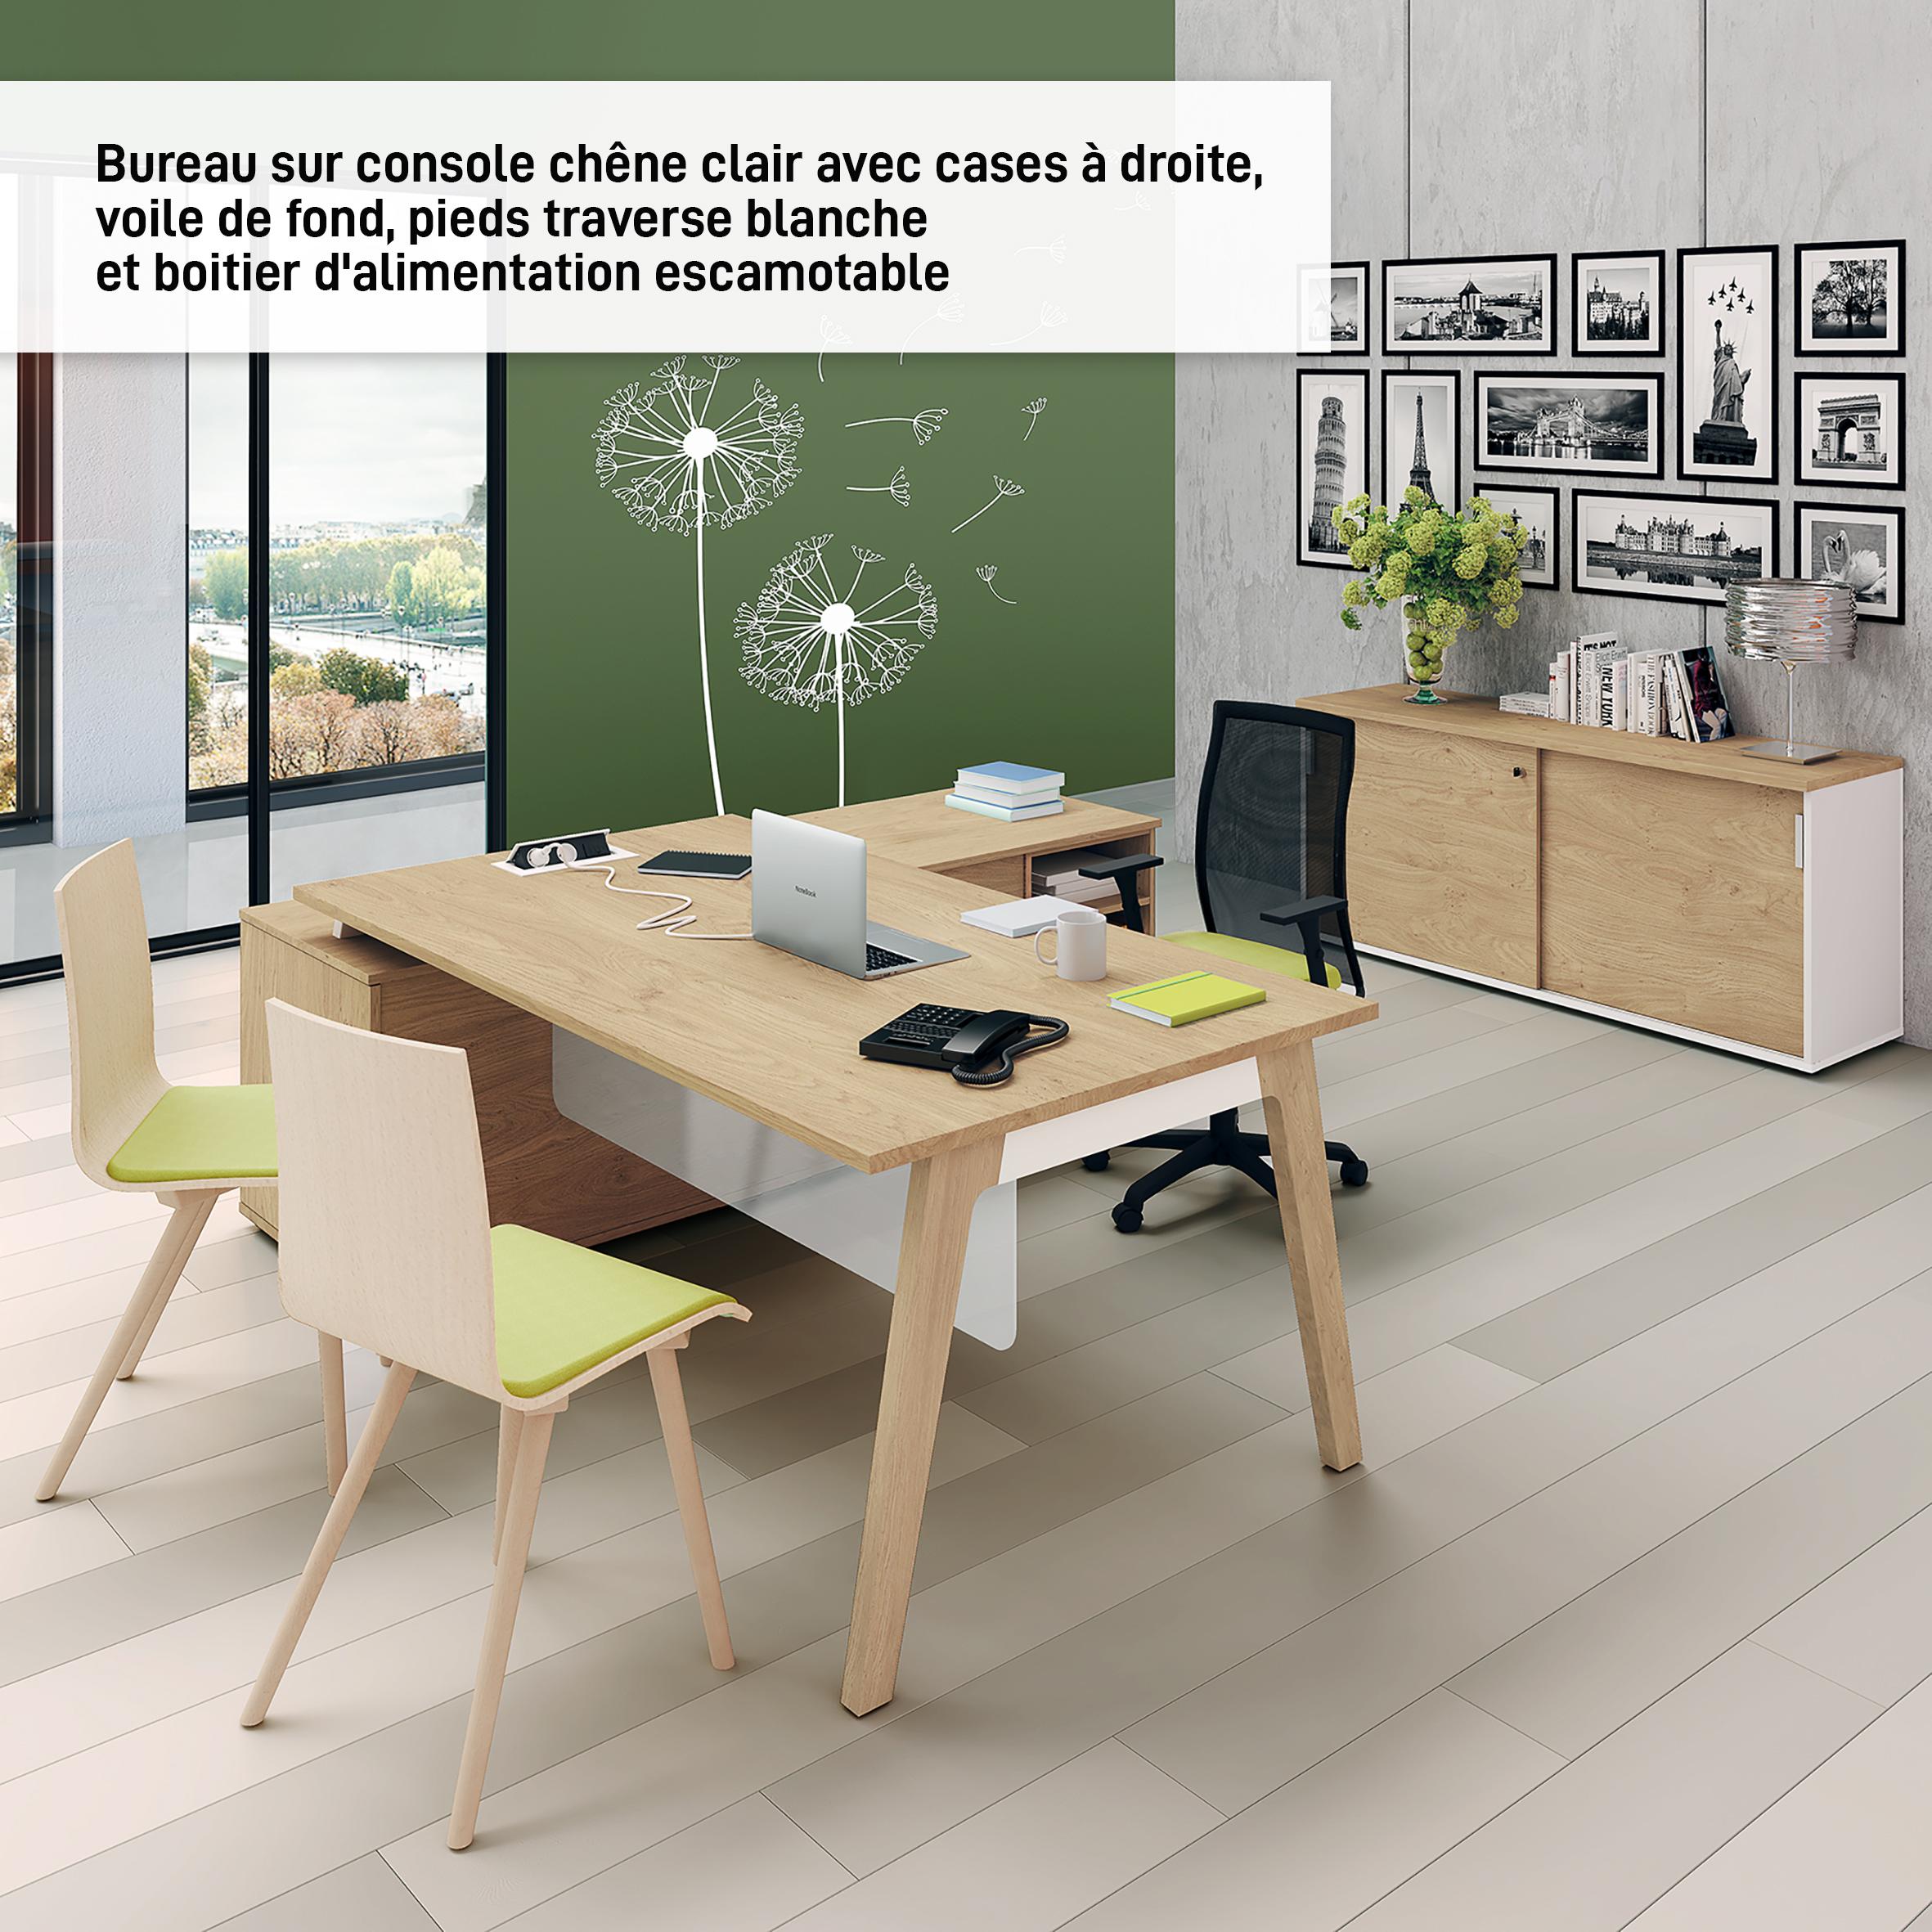 Bureau WOODY Manager - L210 x P100 x H72,5 cm - console retour à droite L200 x P60 cm - pieds blanc - plateau imitation Chêne clair